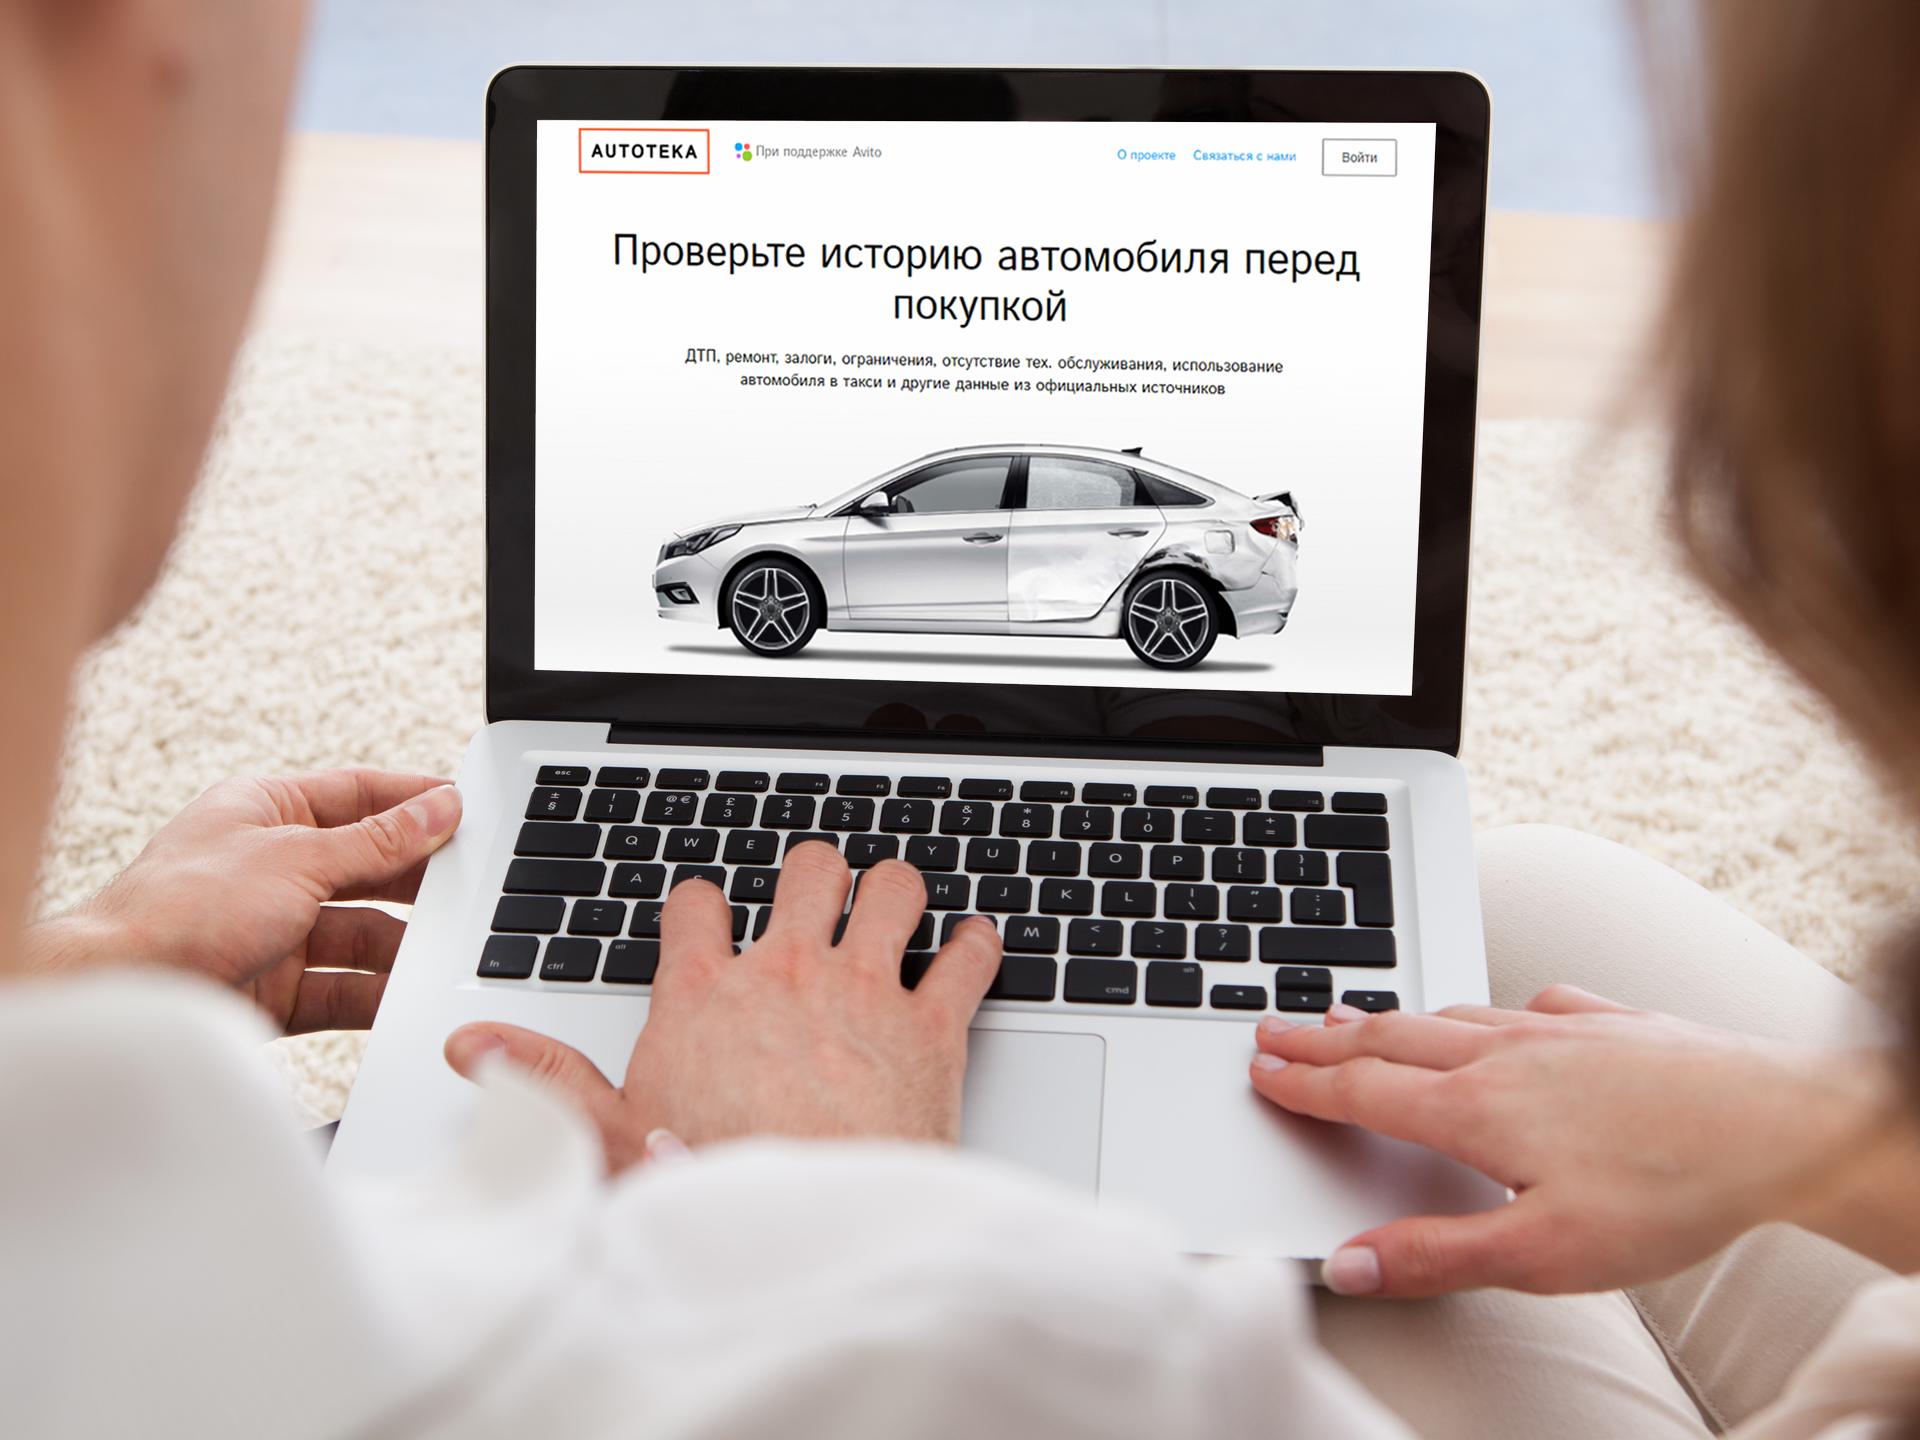 Проверка авто по базам залога работа в автосалонах тойота вакансии москва